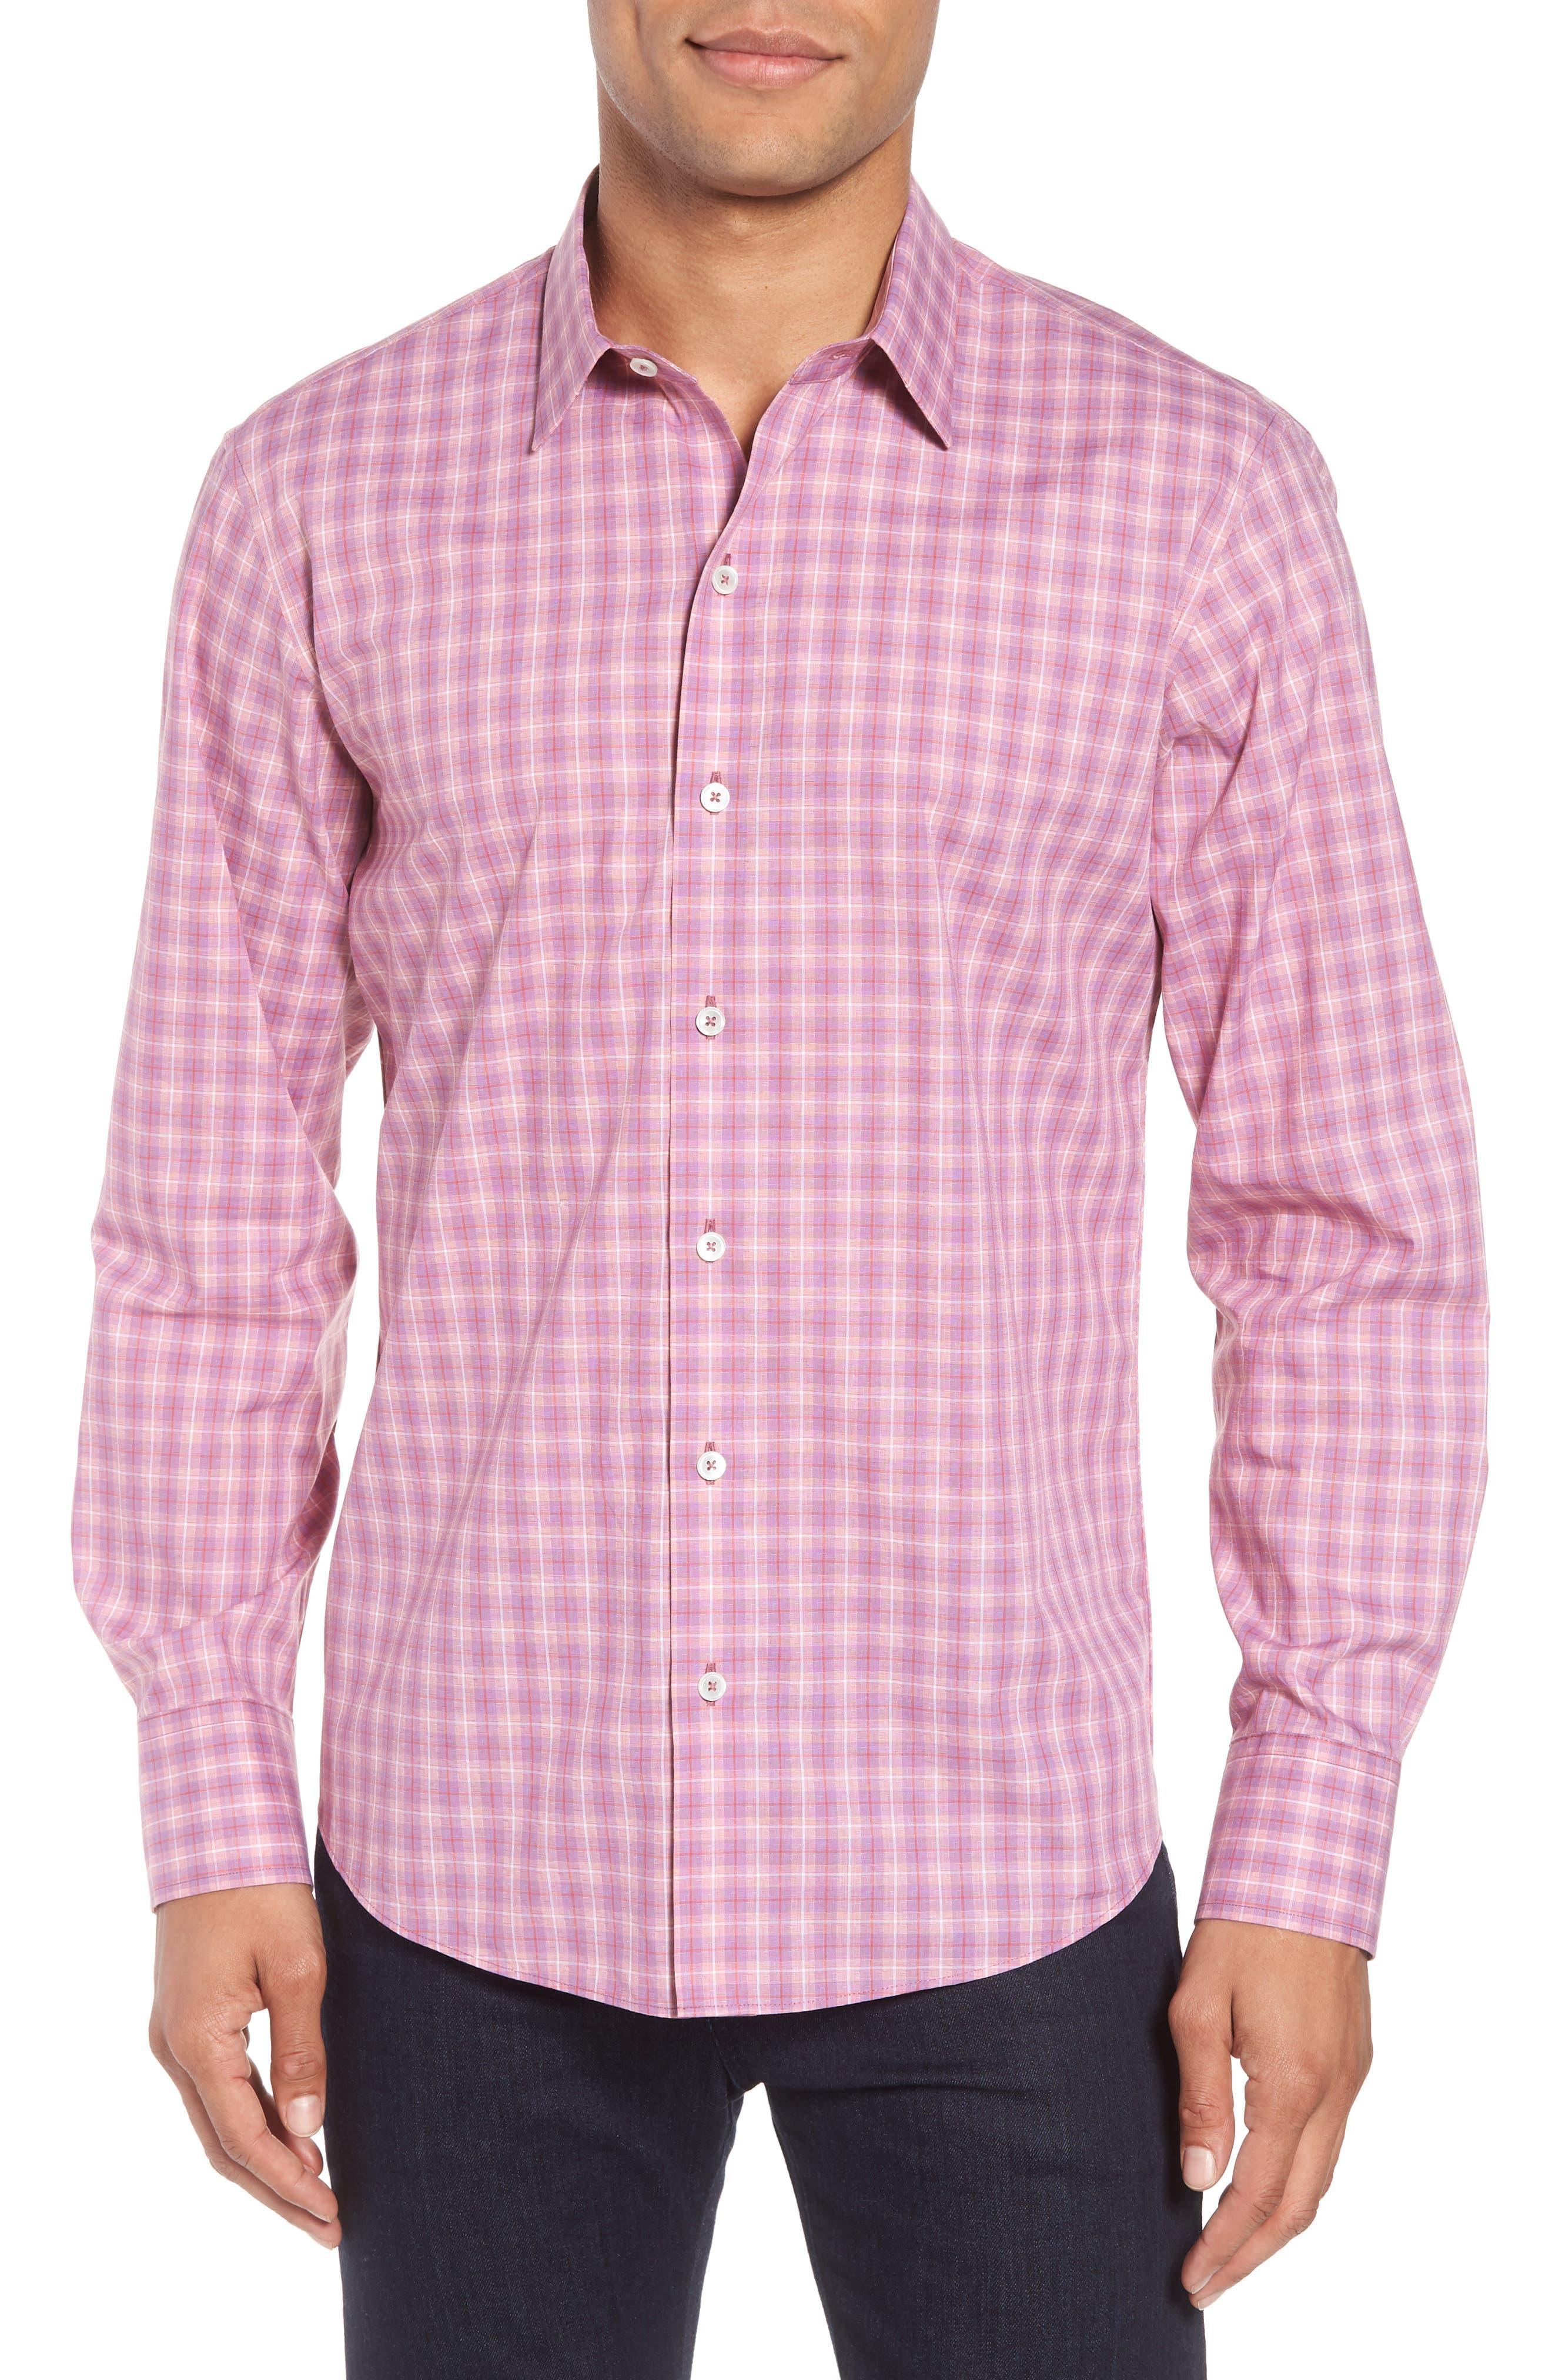 ZACHARY PRELL Duran Regular Fit Sport Shirt, Main, color, PINK